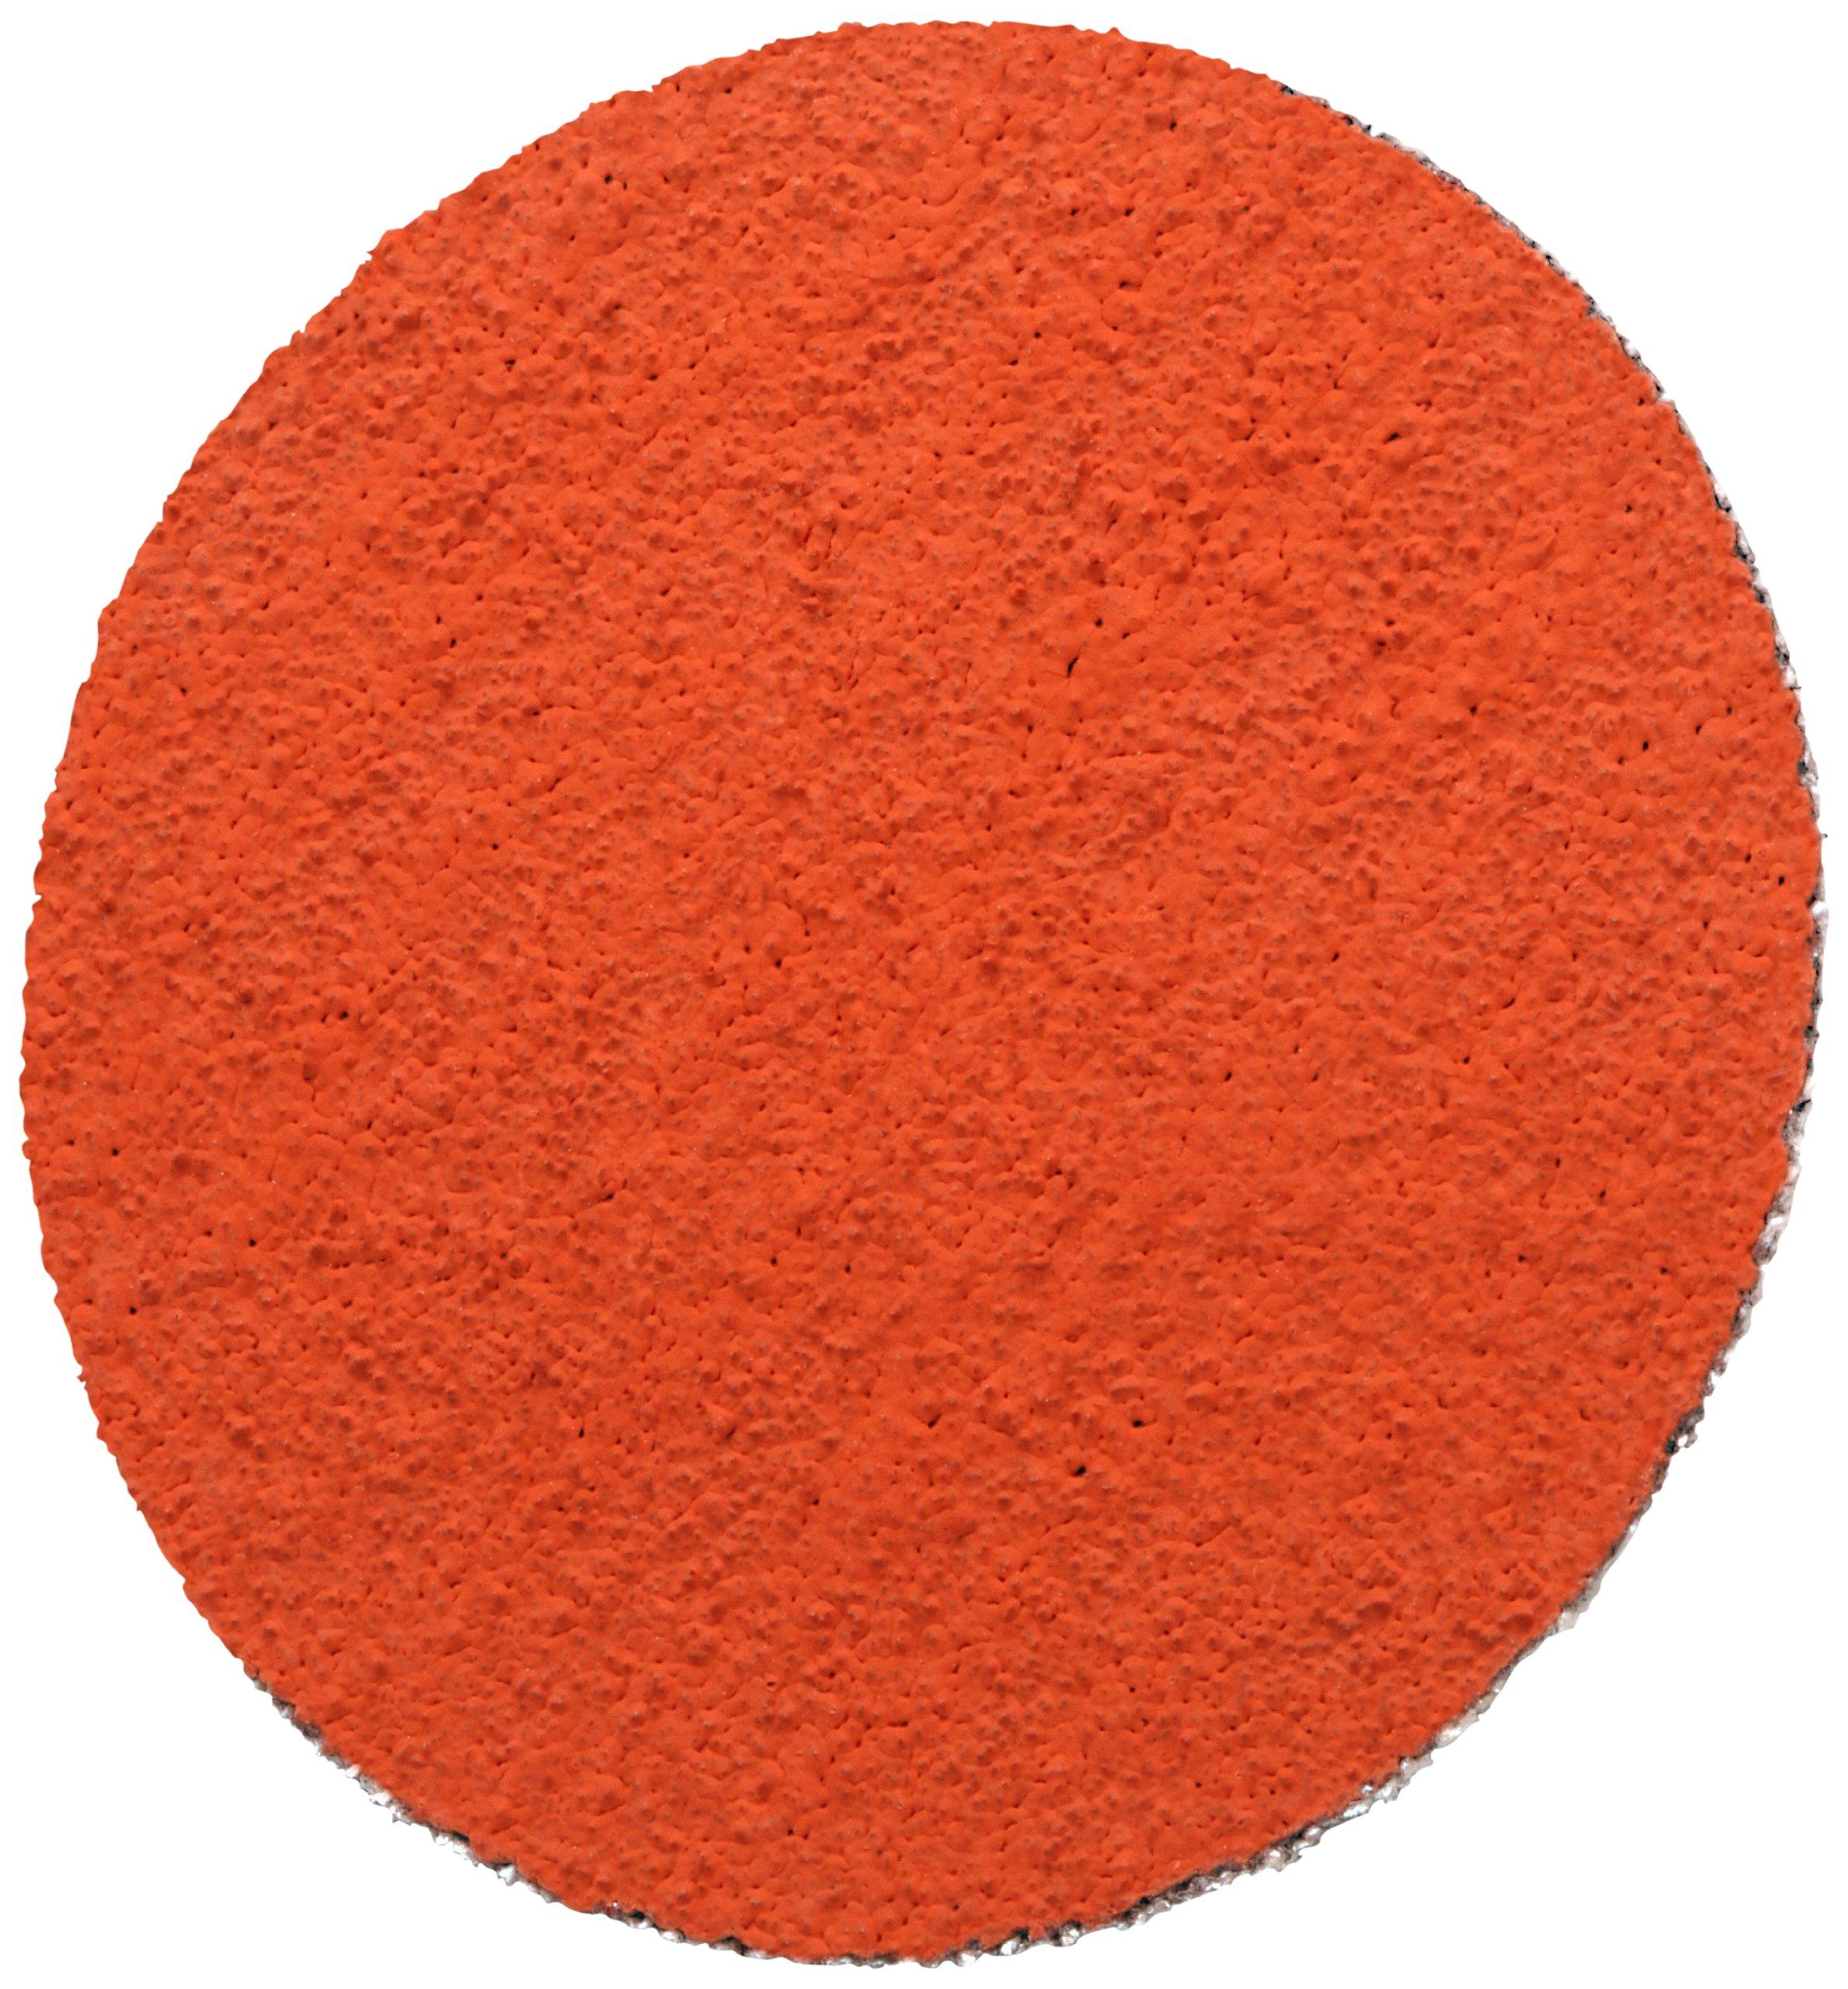 3M(TM) Roloc(TM) Disc TSM 777F, Cloth, TSM Attachment, Ceramic Aluminum Oxide, 2'' Diameter, 60 Grit (Pack of 50)